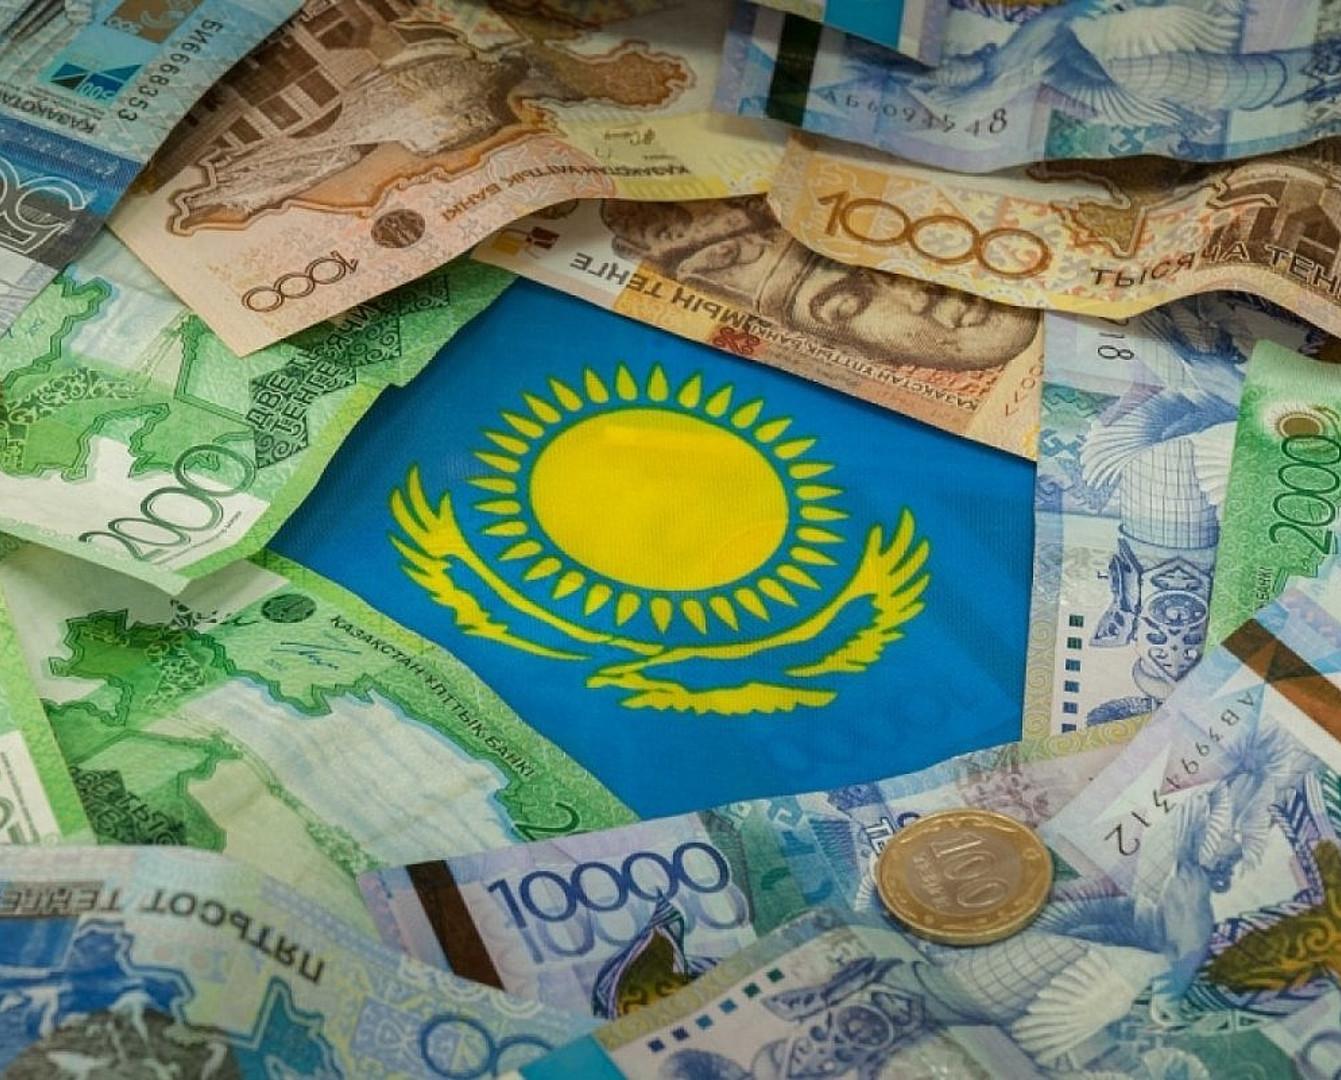 Старт-ап проекты в Казахстане получат льготы от государства